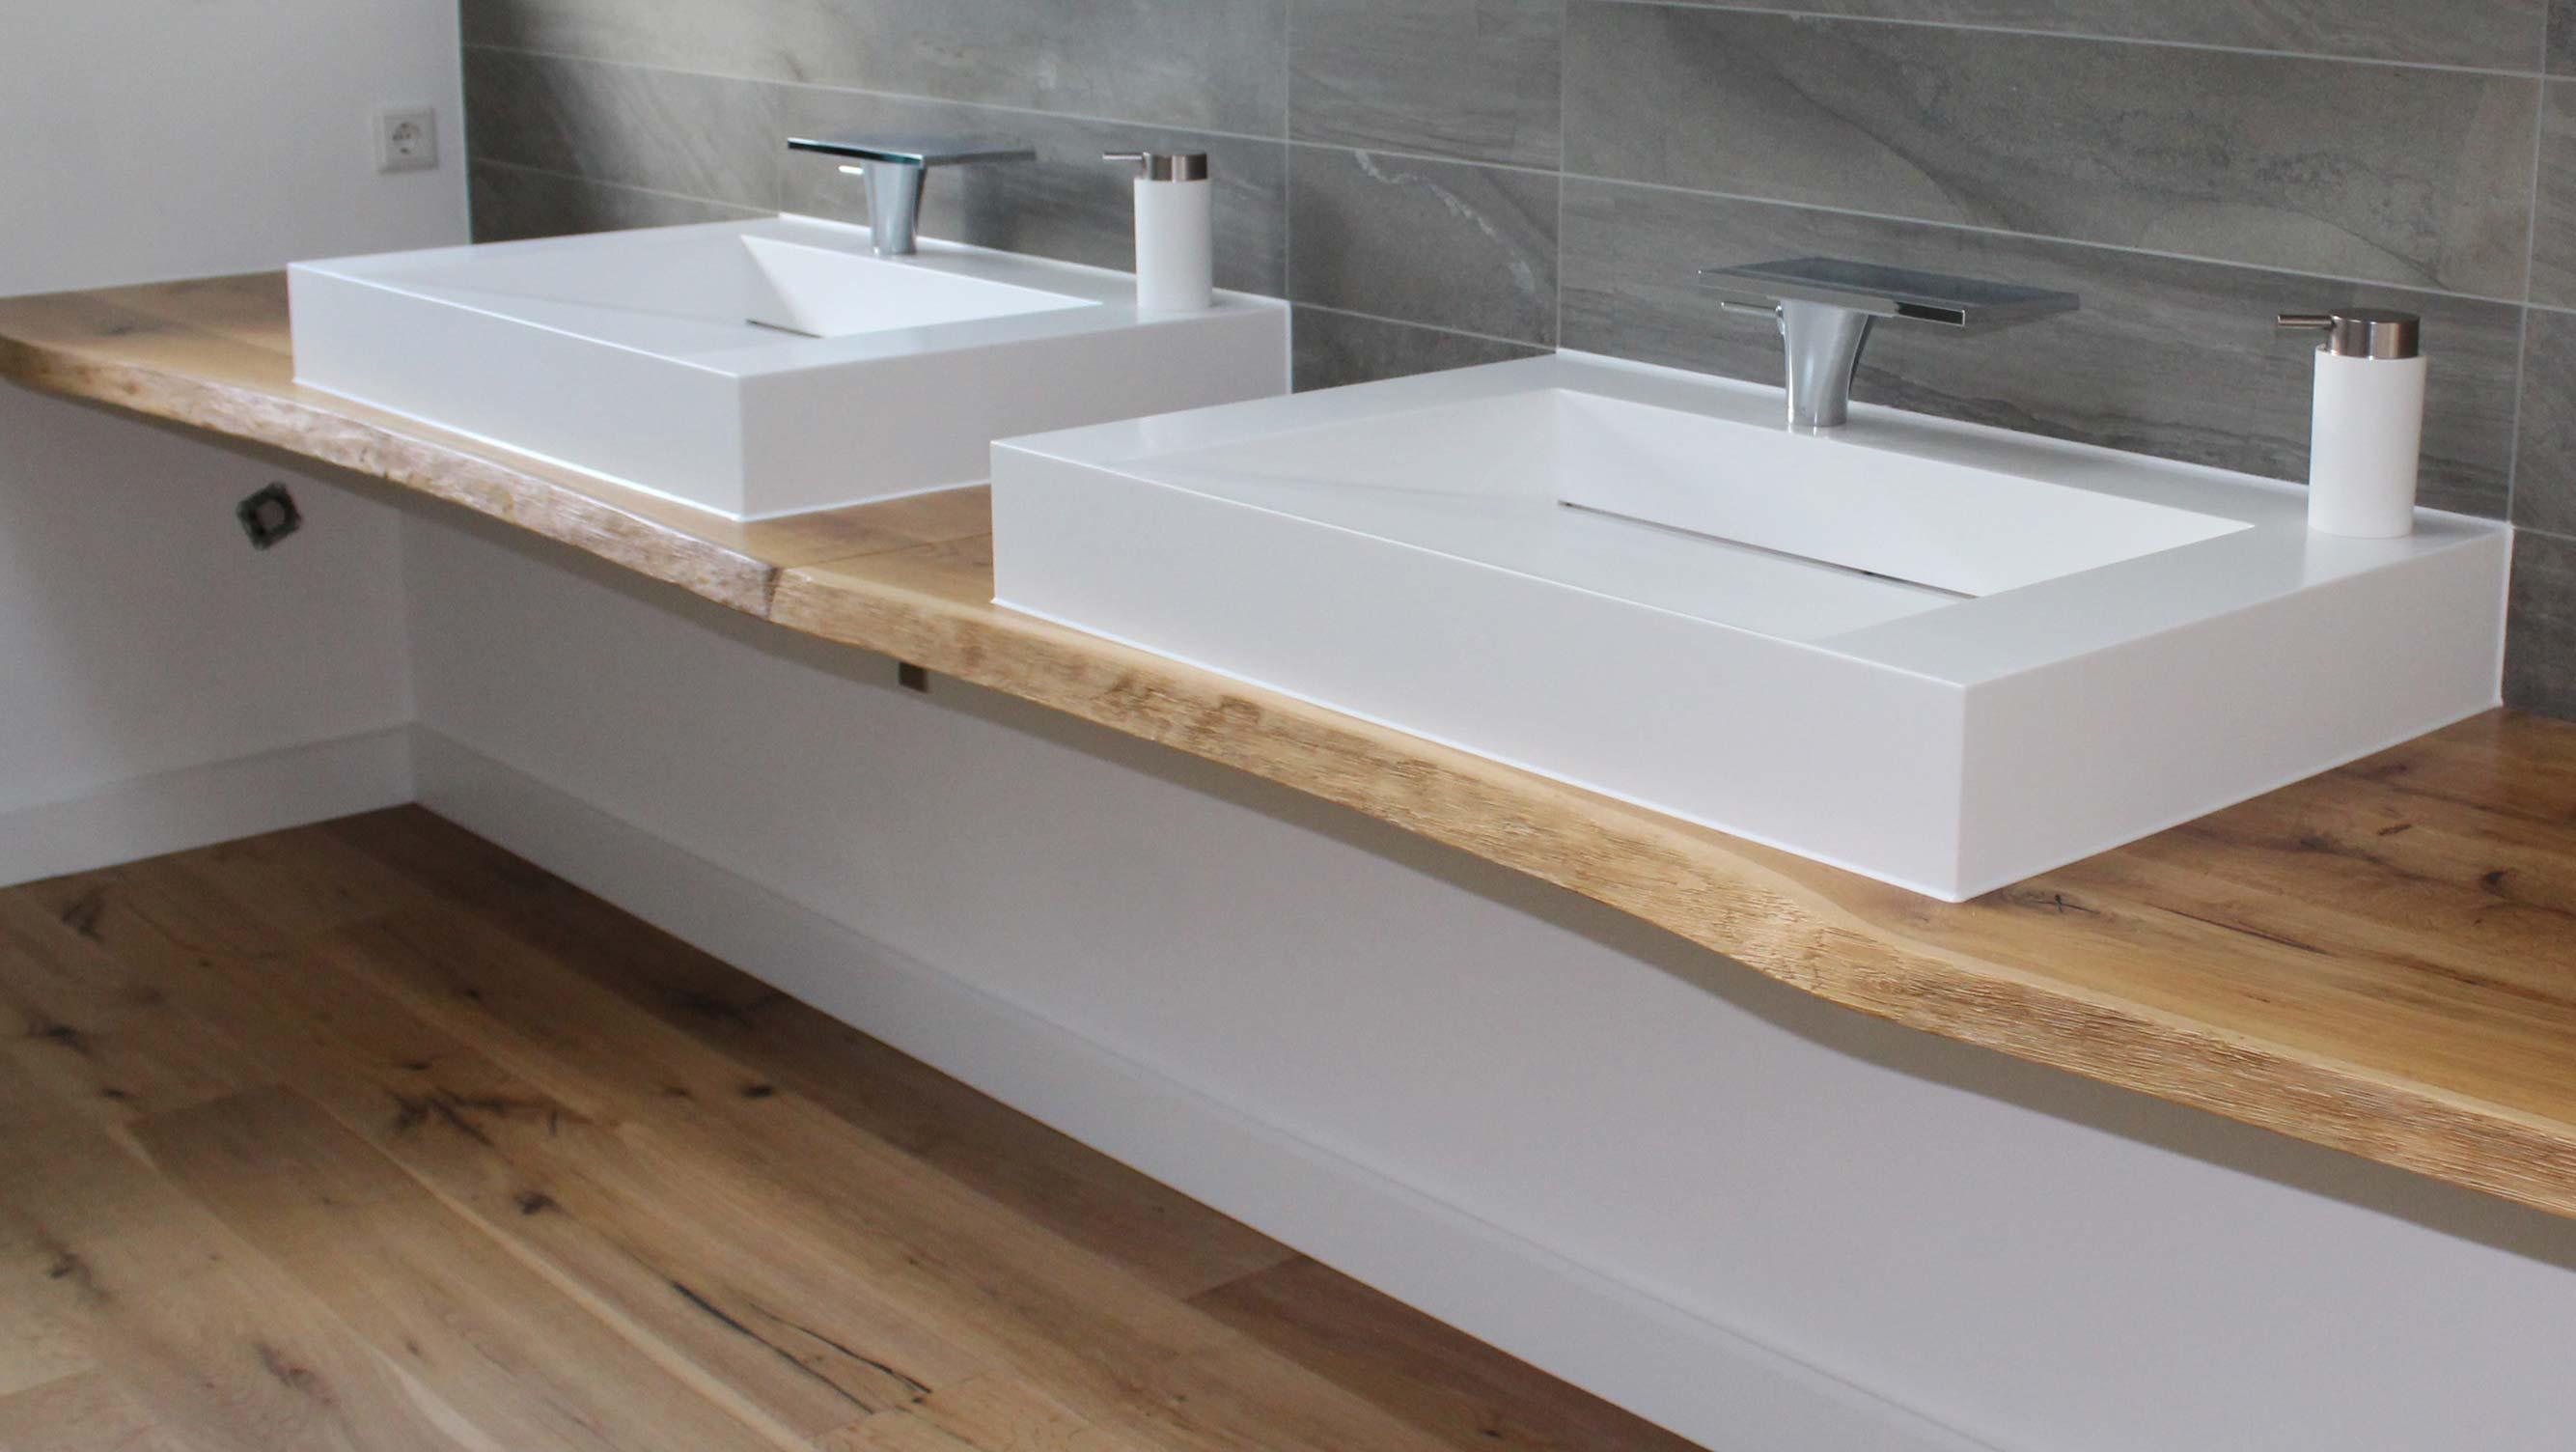 waschtischplatte aus massivem eichenholz mit baumkante www. Black Bedroom Furniture Sets. Home Design Ideas